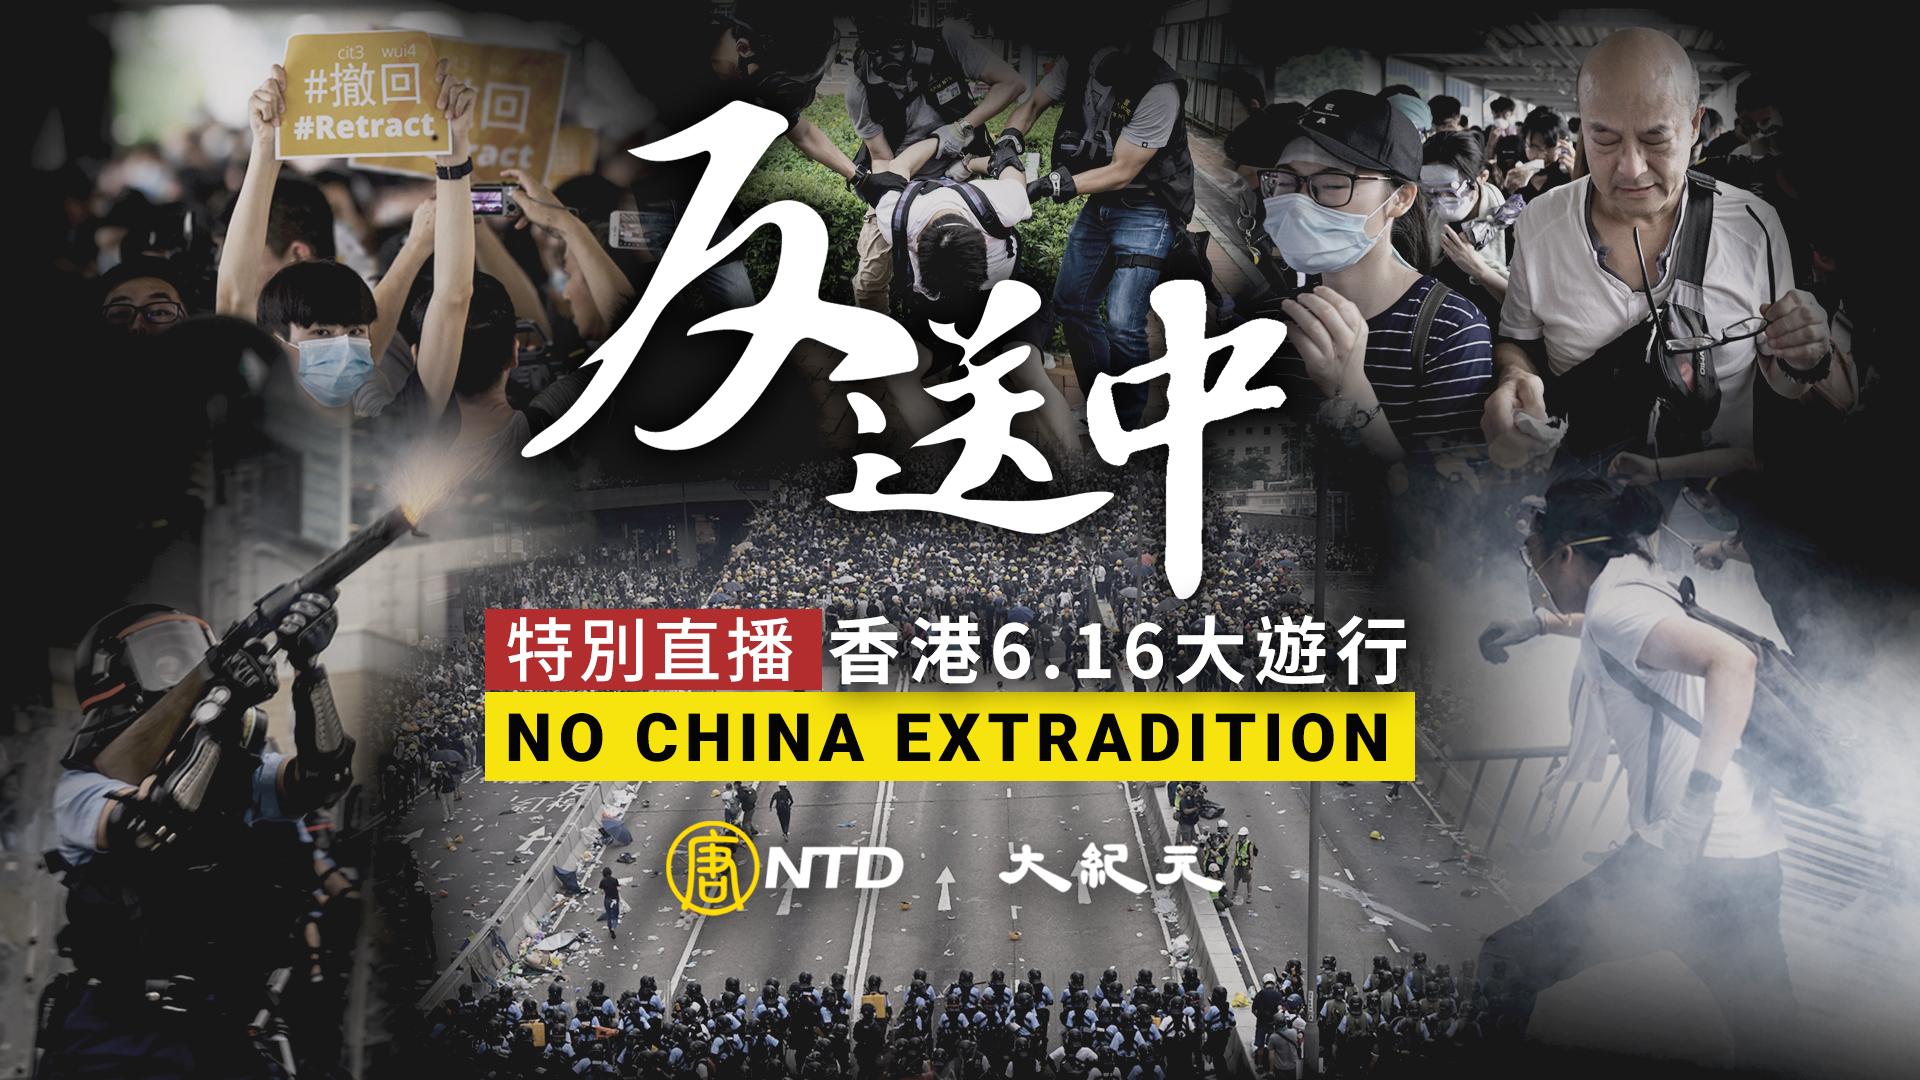 香港各界於6月16日(周日)再度號召港人走上街頭,新唐人電視台與大紀元將聯合舉行電視直播特別節目。(新唐人)